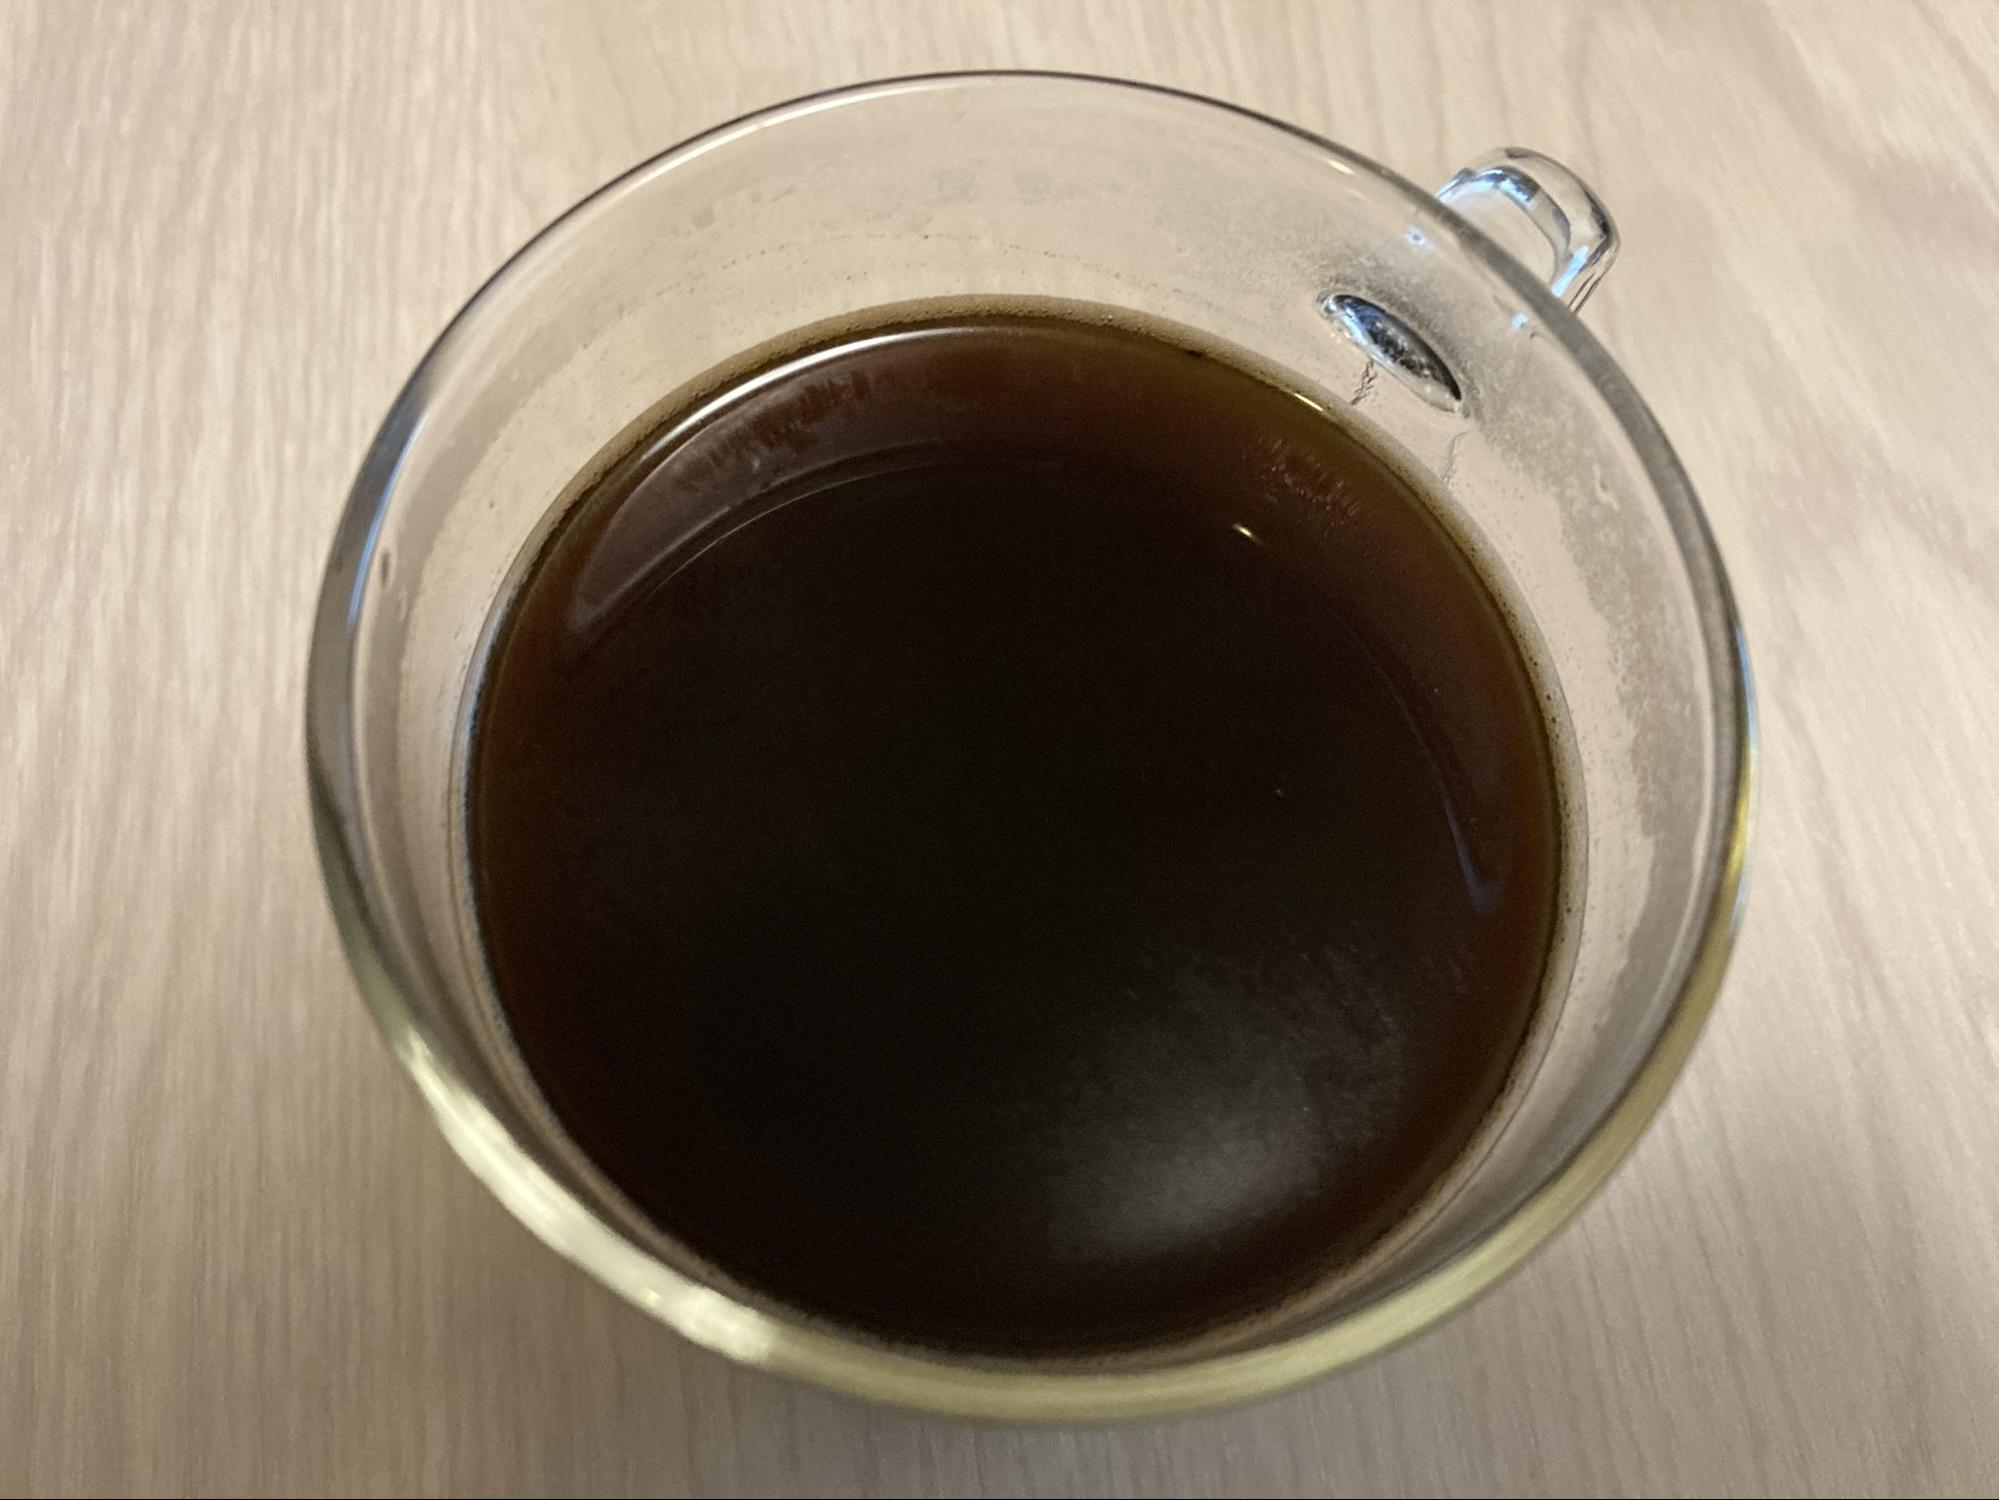 フレンチプレスで抽出したコーヒー